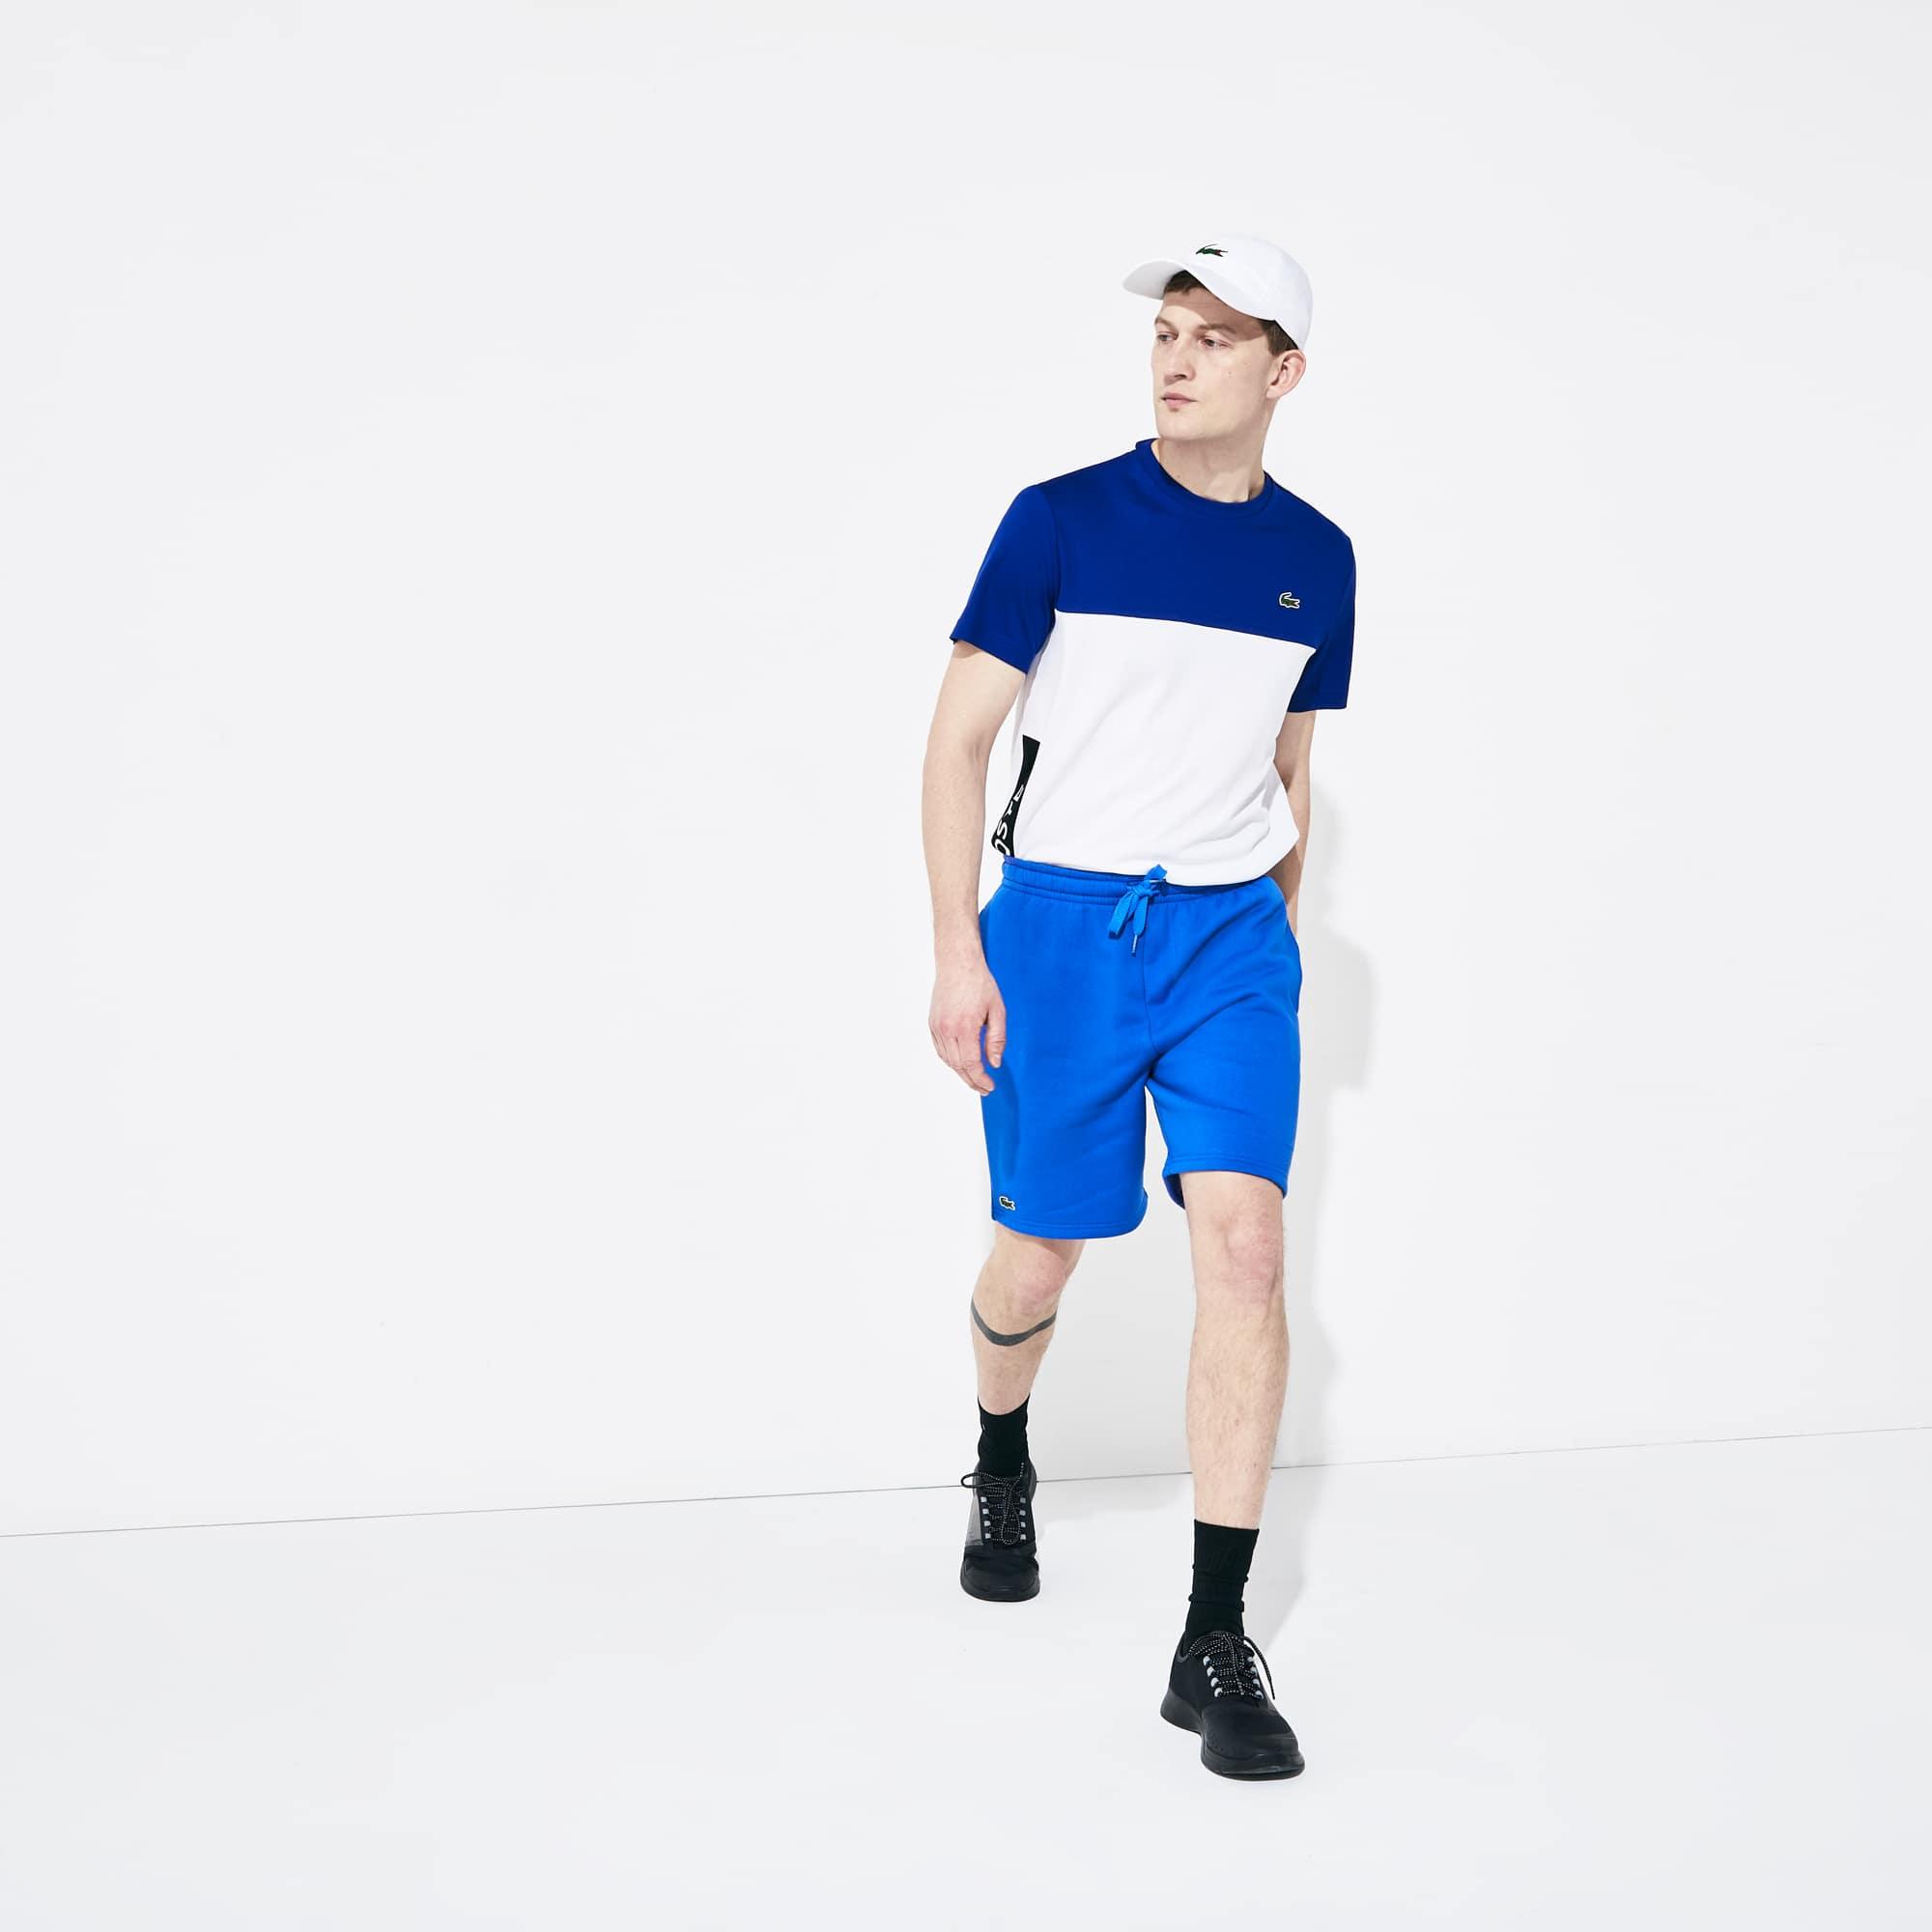 라코스테 스포츠 테니스 플리스 반바지 - 블루 Lacoste Mens SPORT Tennis Fleece Shorts, V6C GH213651